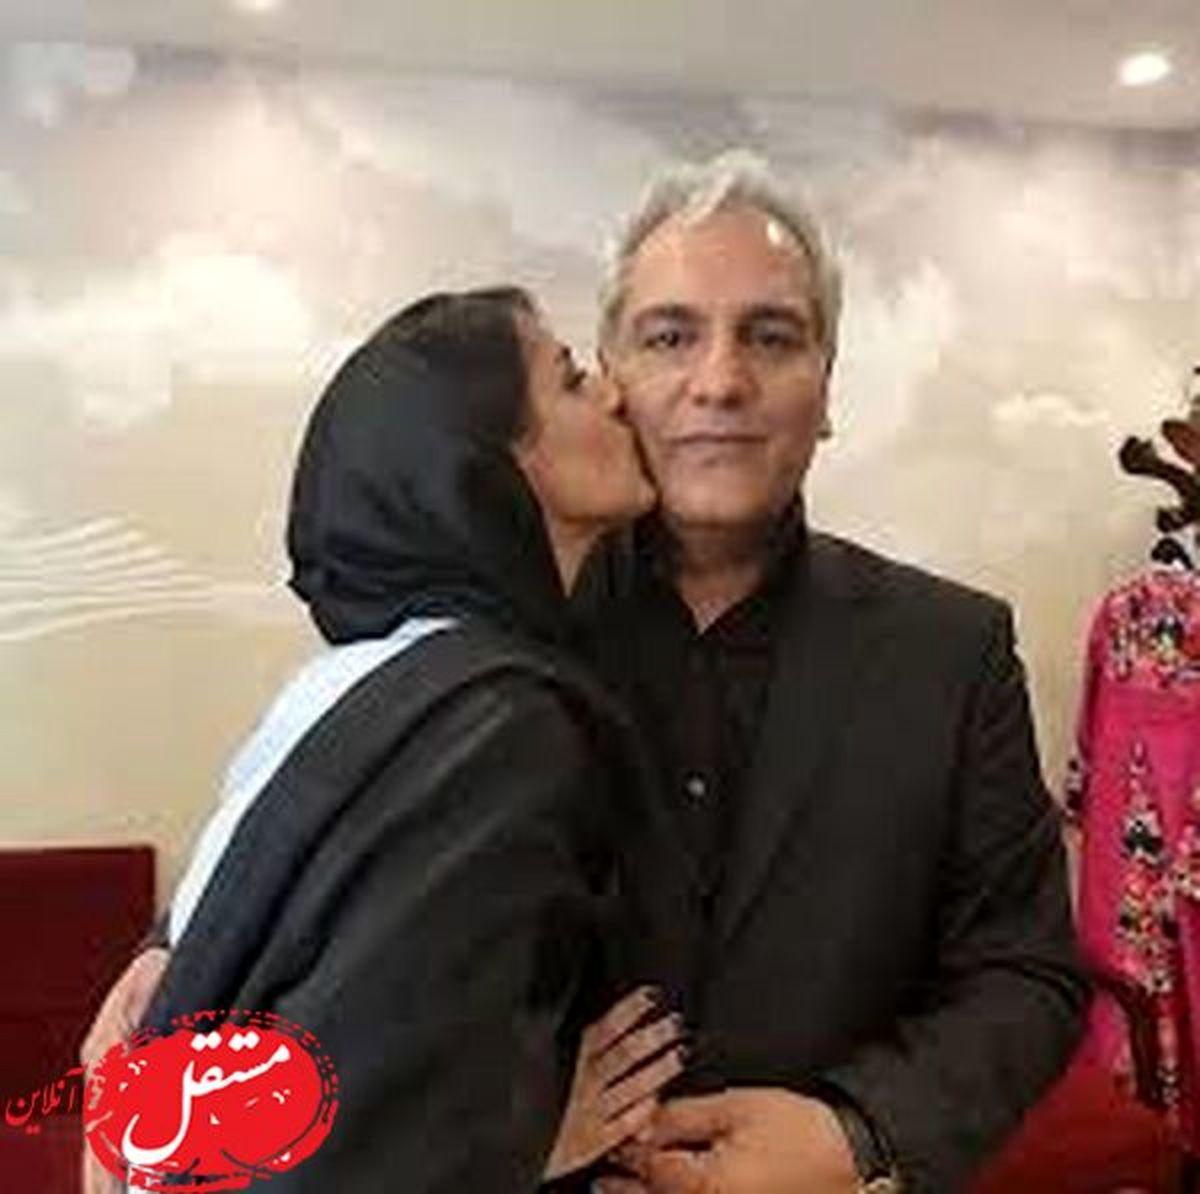 سری جدید دورهمی مهران مدیری با ویژگی های عجیب+ فیلم